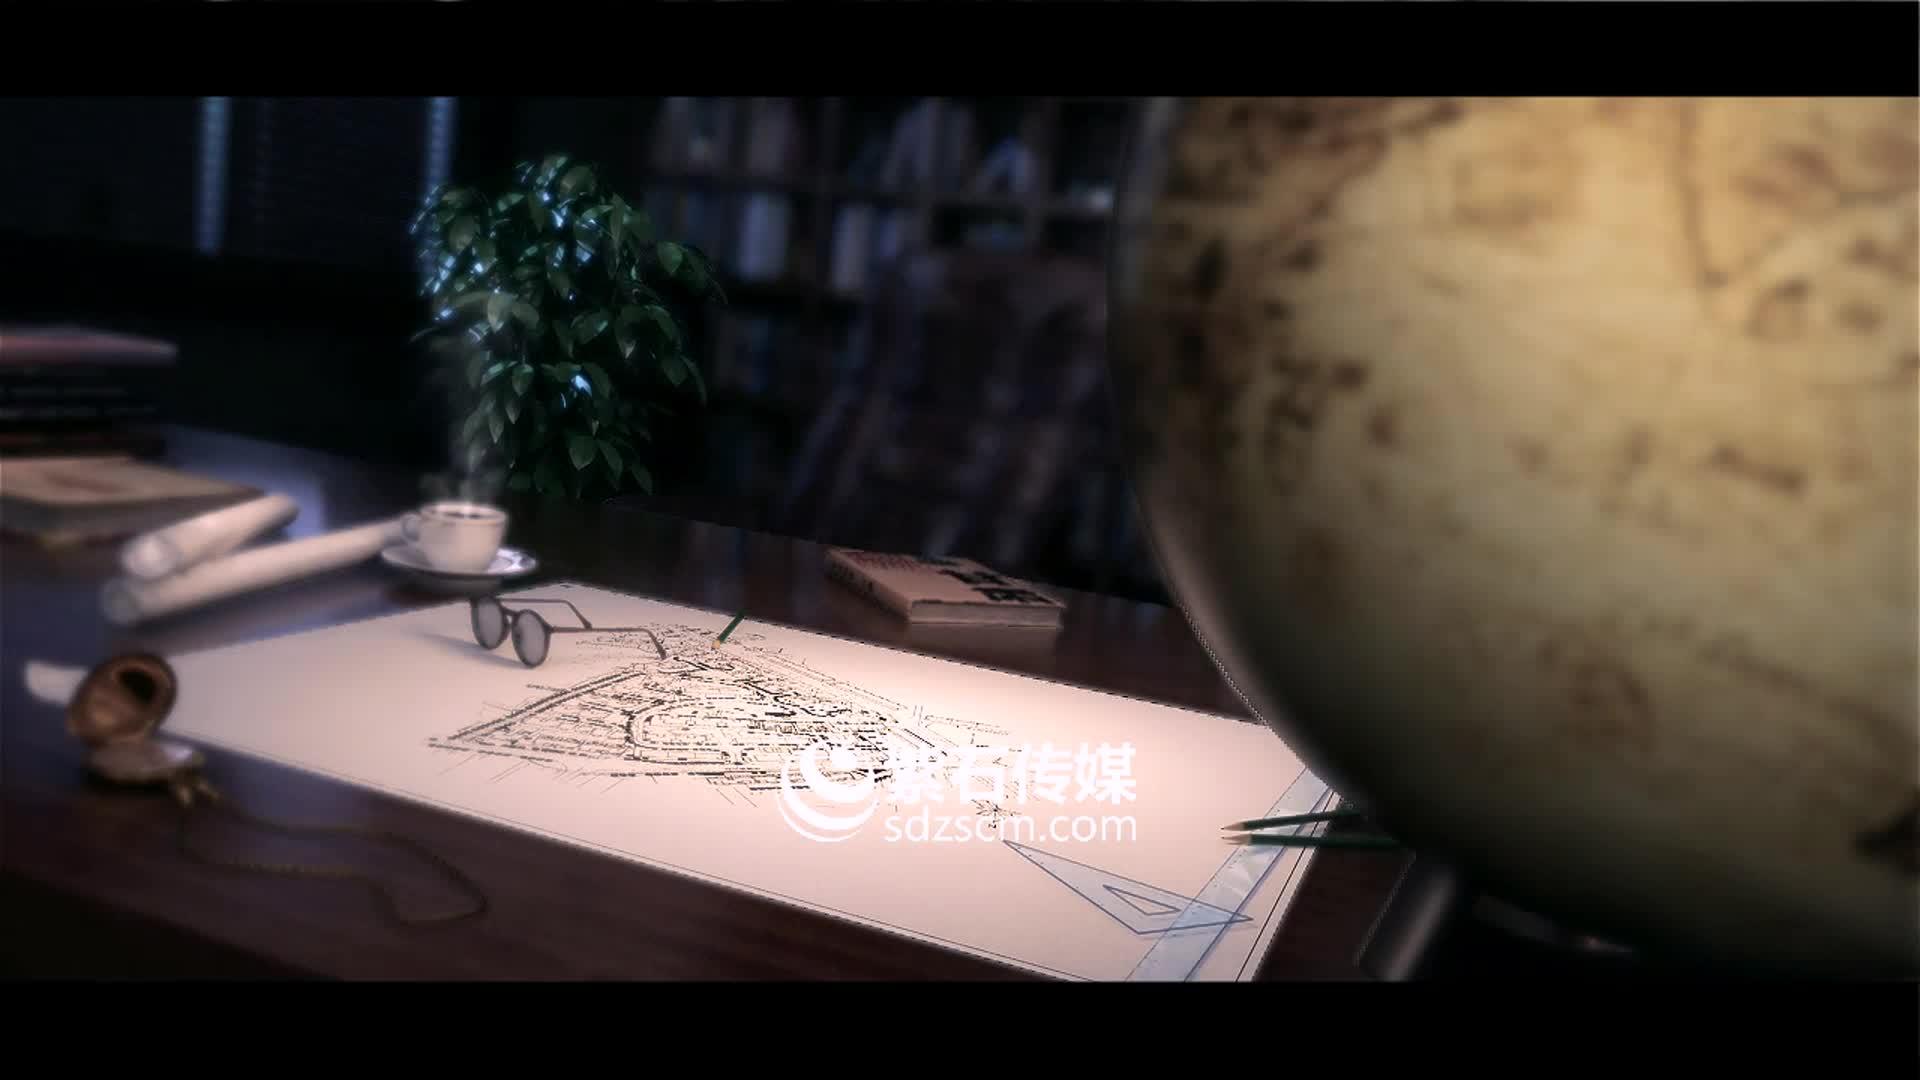 企业宣传片制作是主要以叙述为主的短片